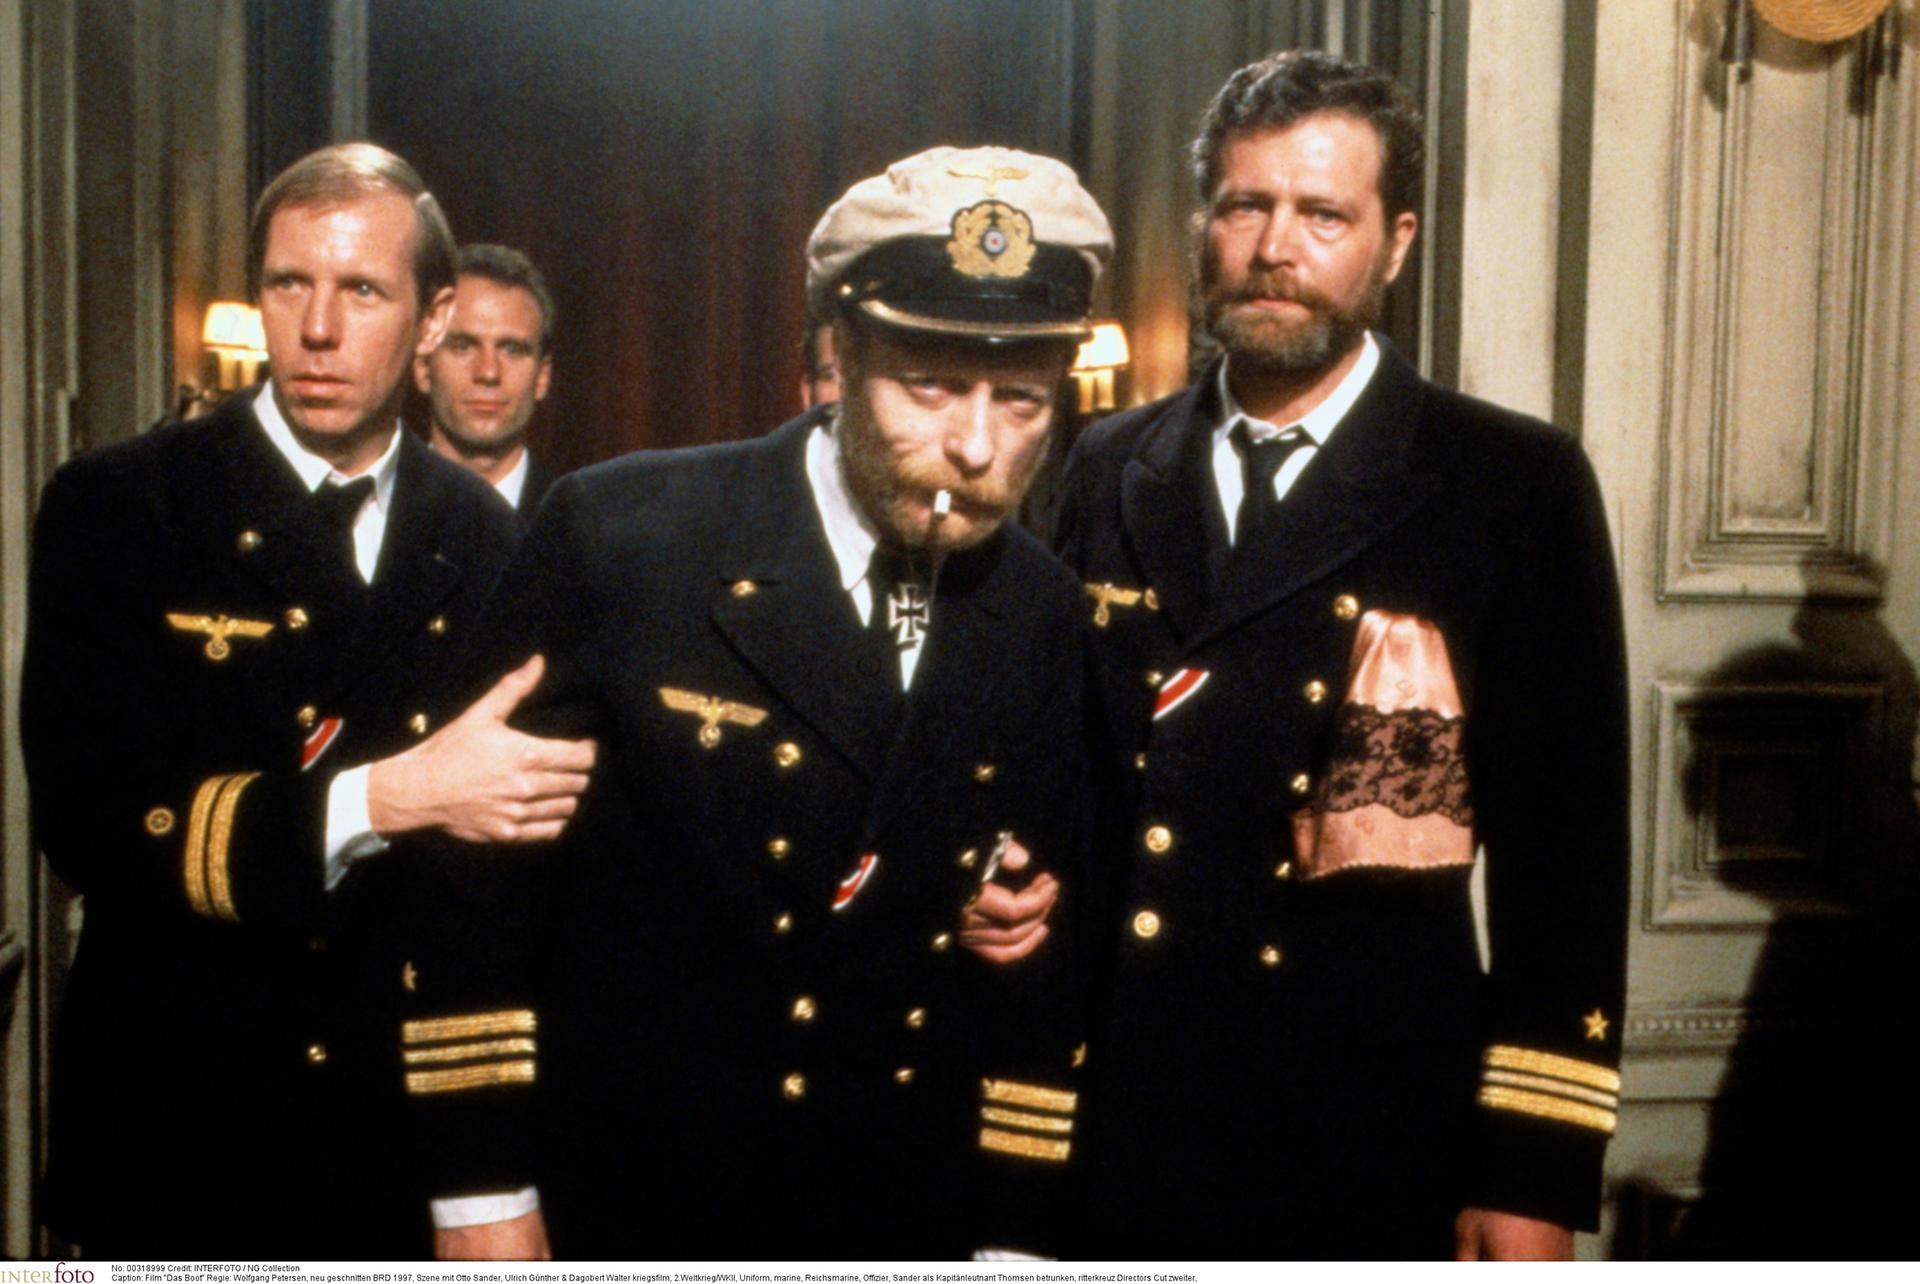 auch-otto-sander-mitte-gehoerte-1981-bereits-zu-den-bekannten-schauspielern-der-deutschen-film...jpg